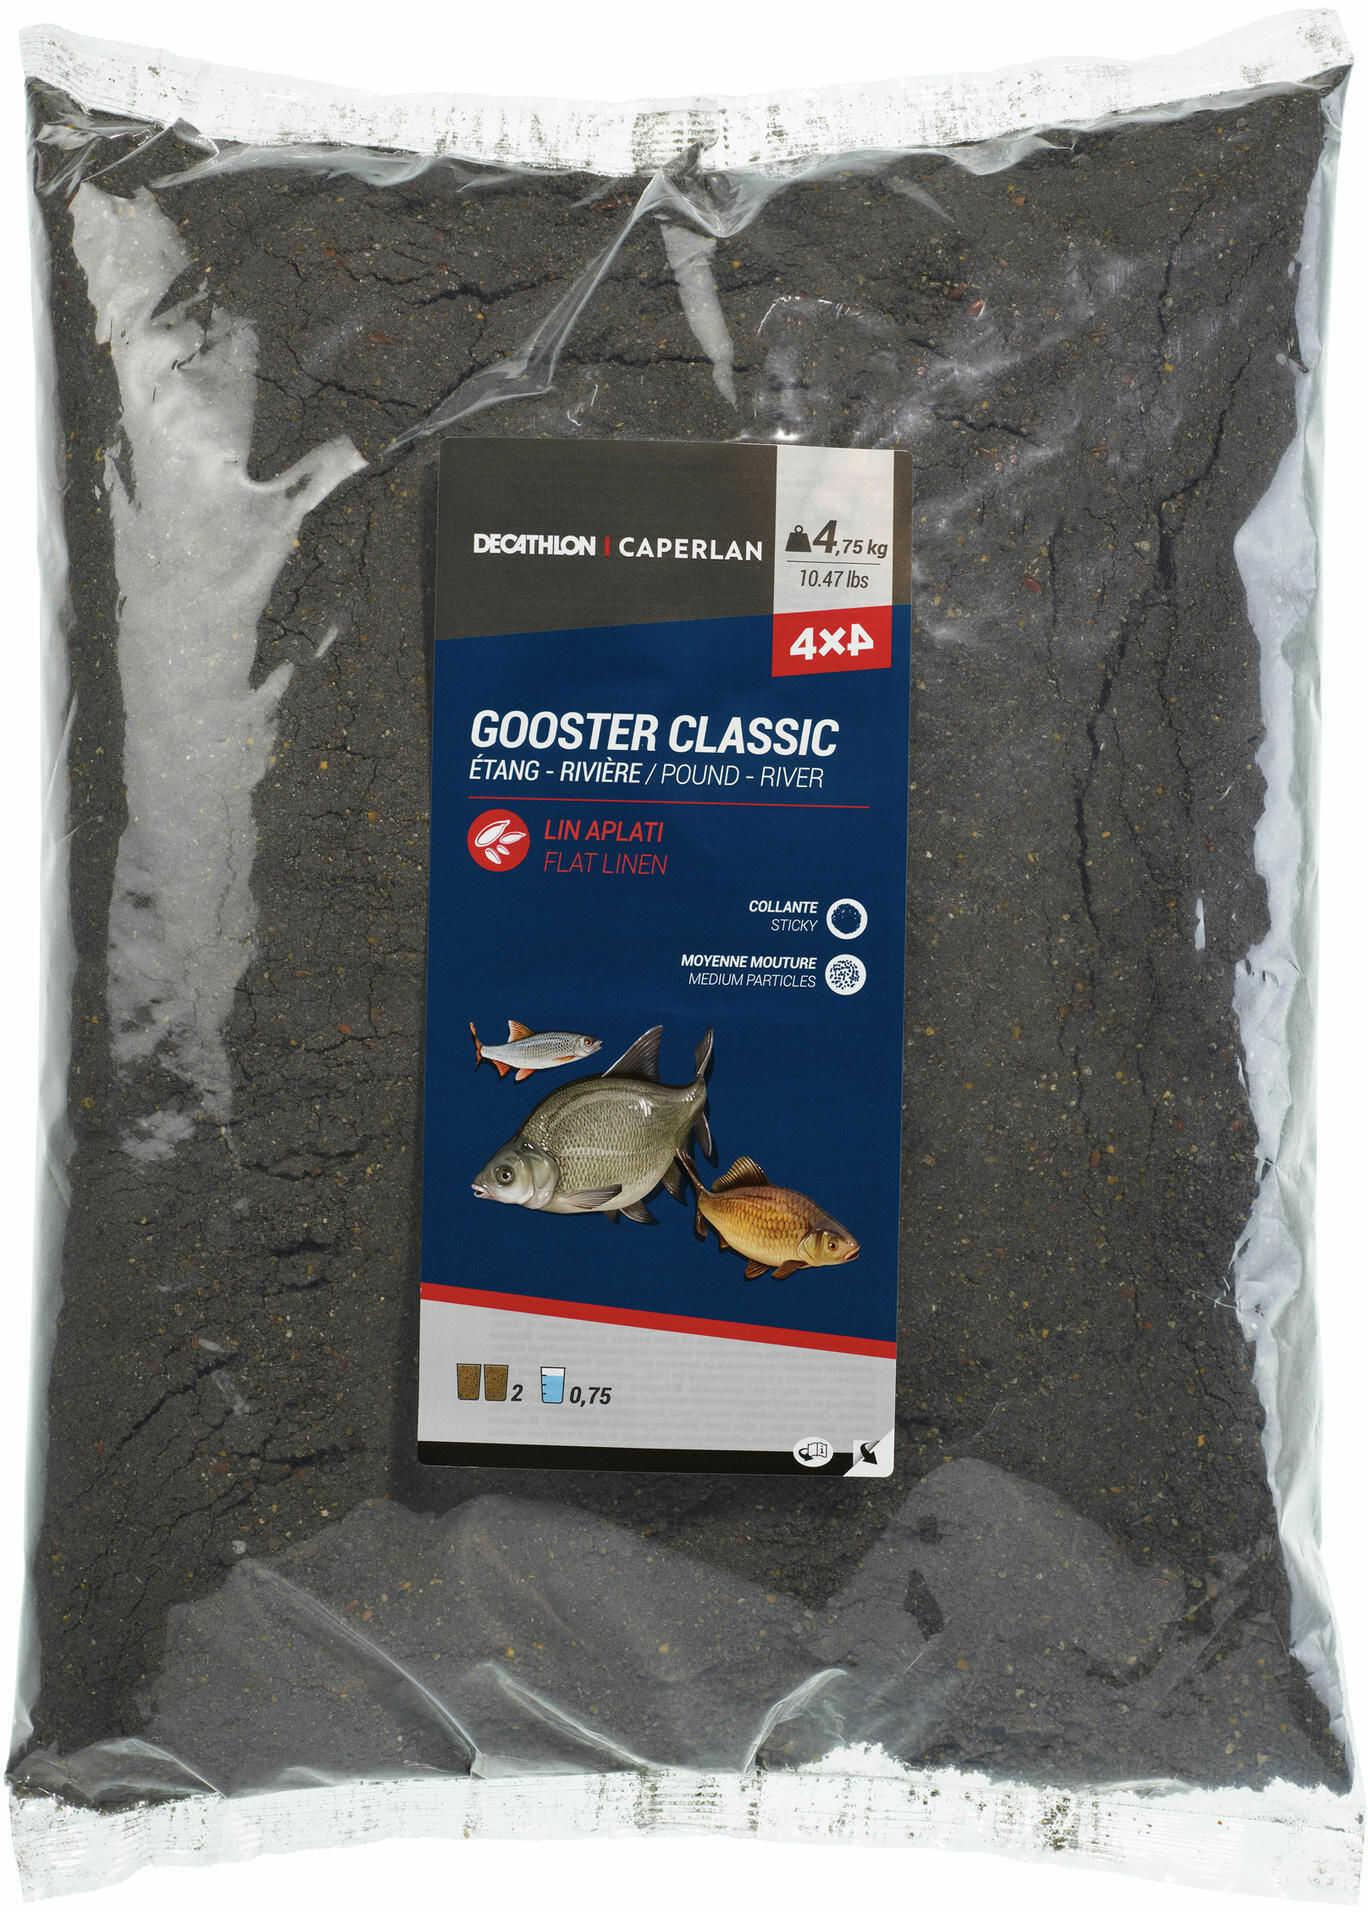 Zanęta Gooster 4x4 czarna 4,75 kg